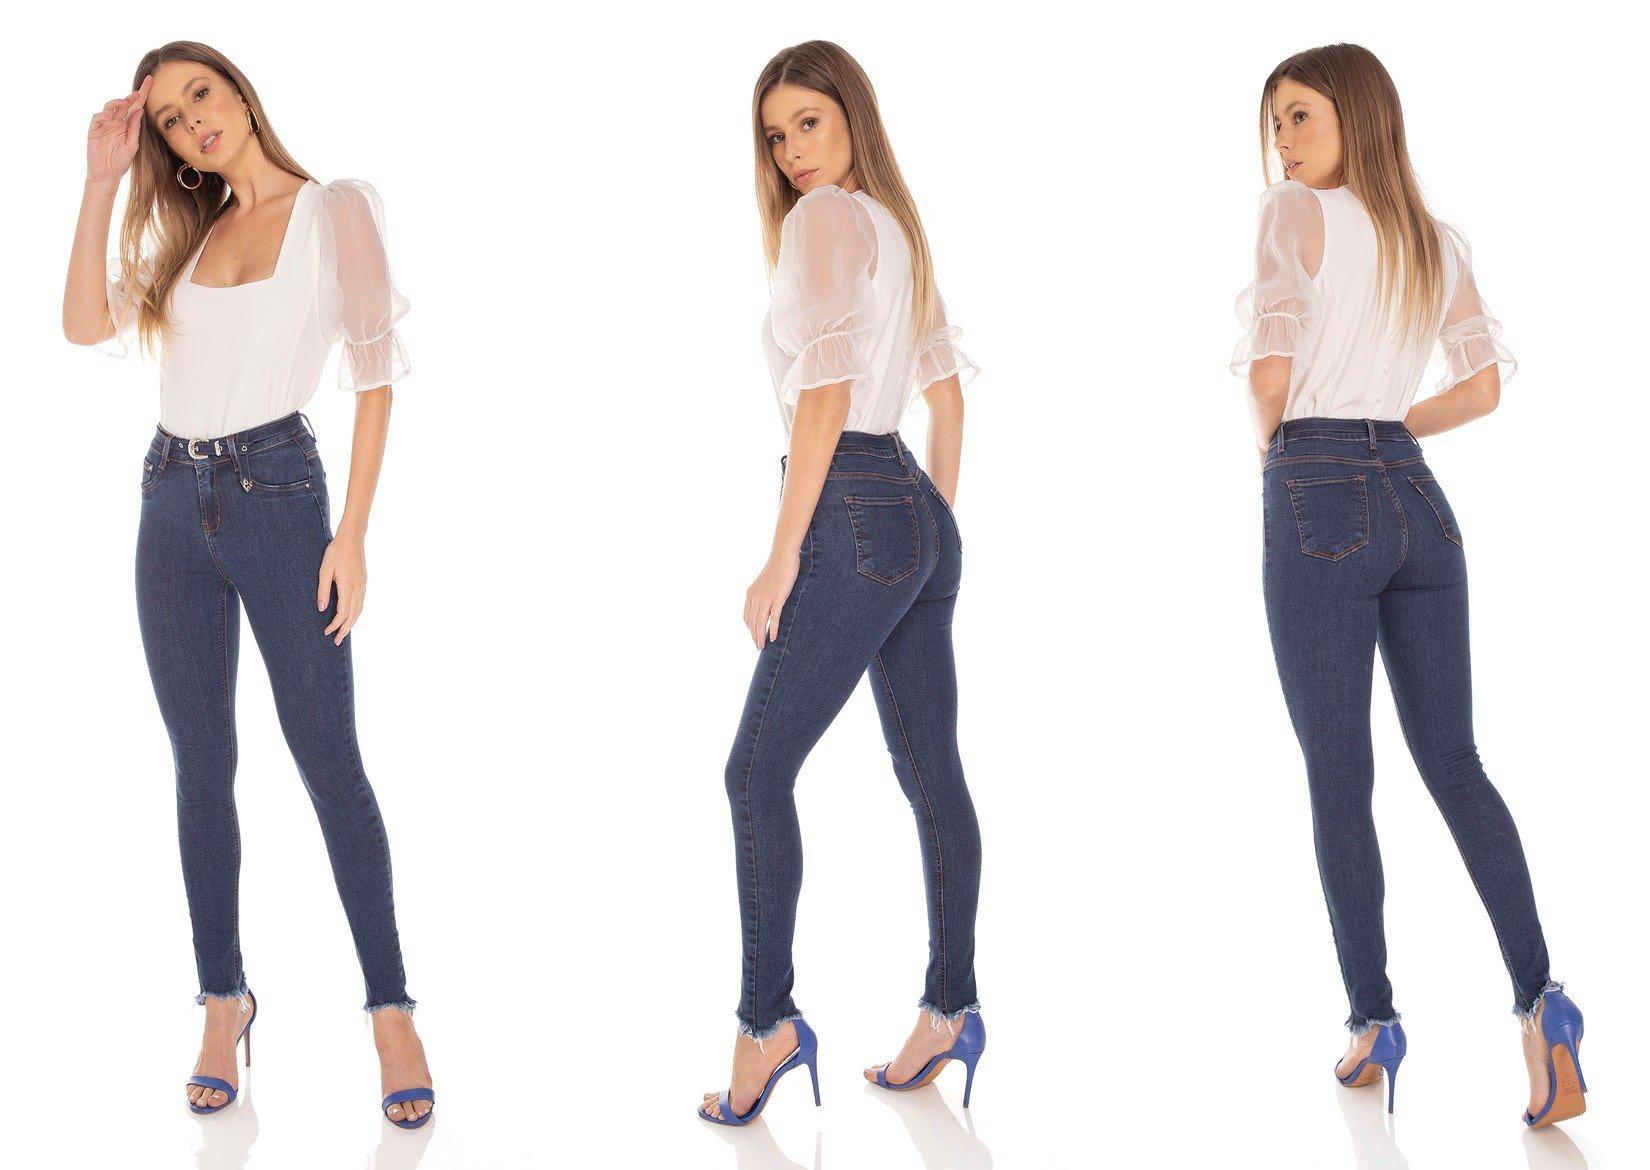 dz3394 calca jeans feminina skinny media com cinto denim zero tripla